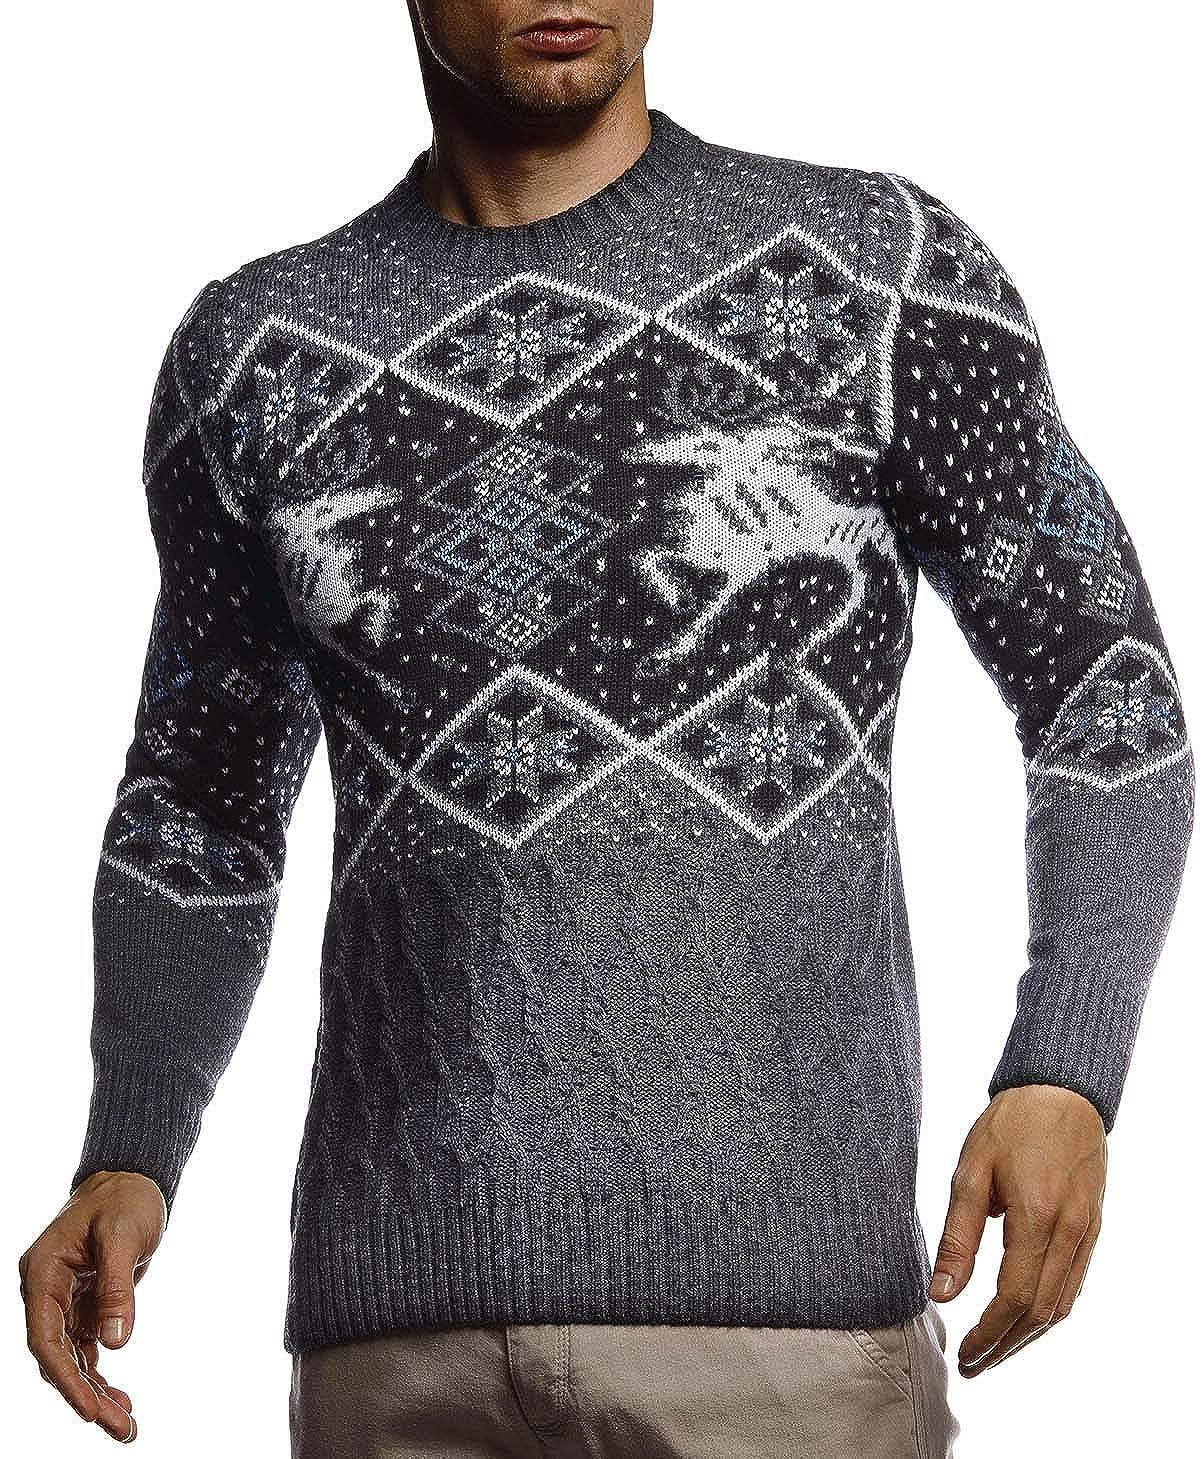 Maglione da Uomo in Maglia Norvegese con Collo Rotondo Inverno Collo Rotondo Modello Norvegese Slim Fit Invernale per Natale Leif Nelson LN20761